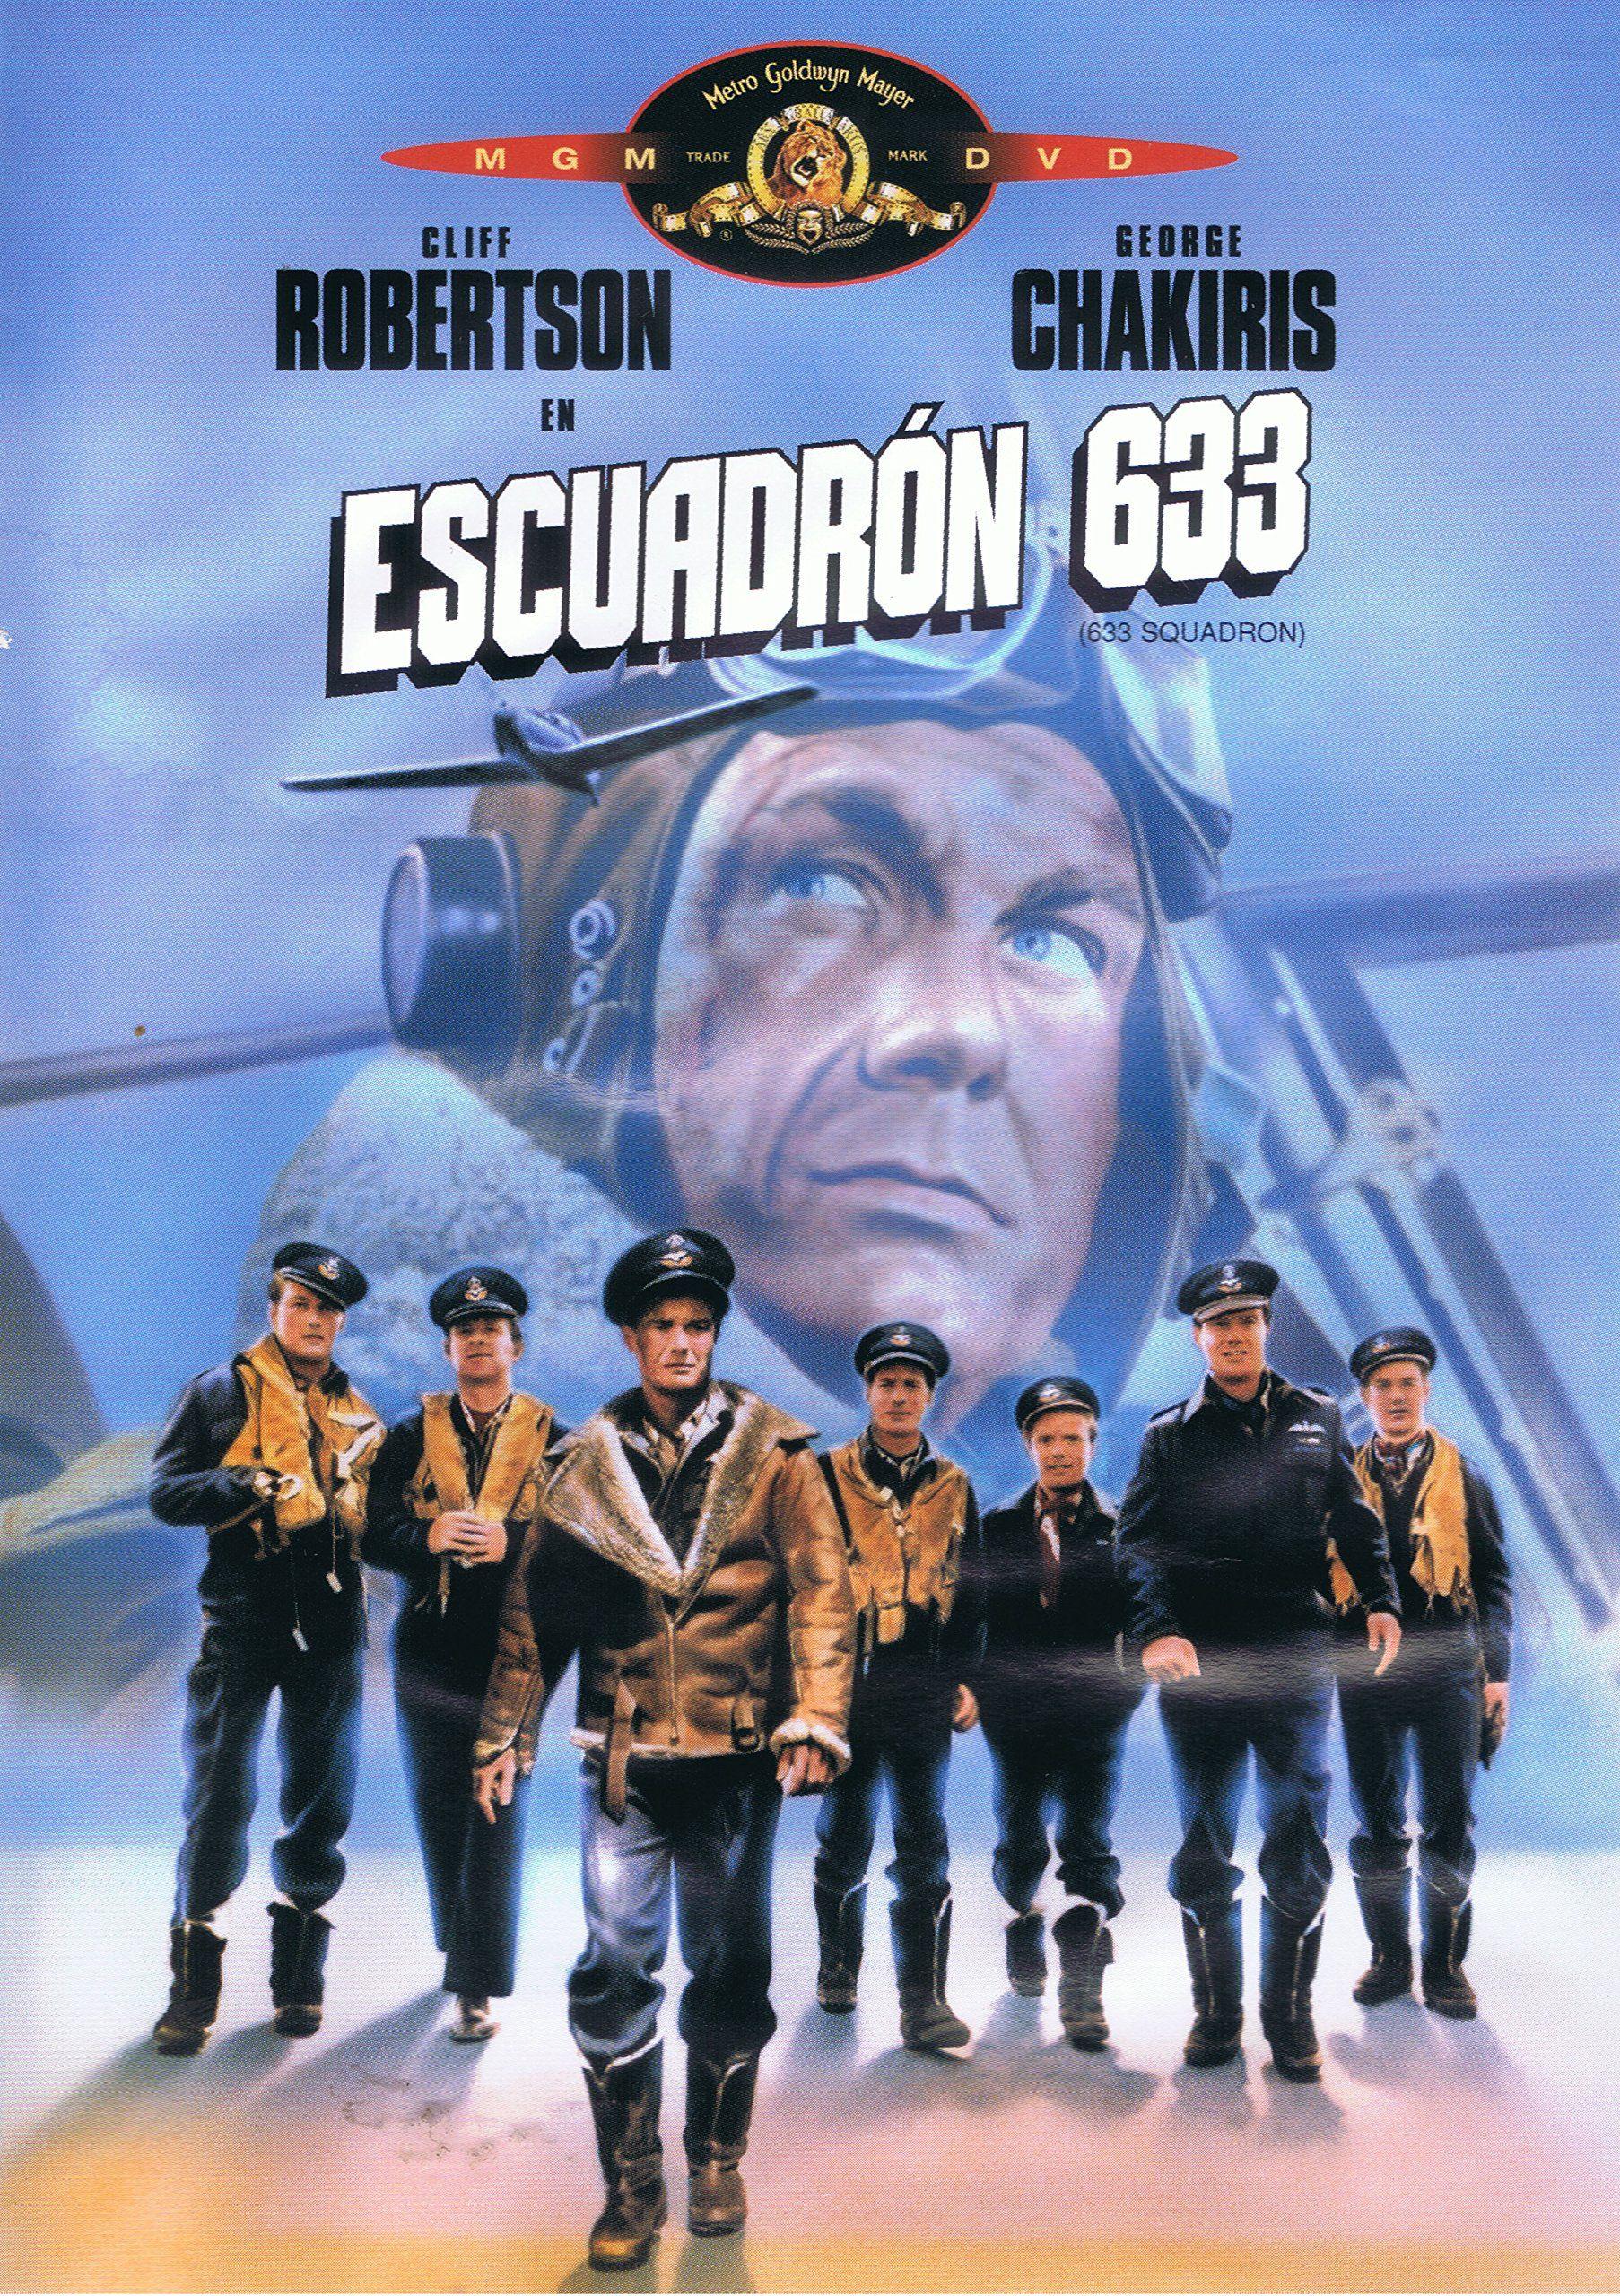 Escuadron 633 Dvd Escuadron Dvd Carteles De Peliculas Famosas Cine Belico Peliculas